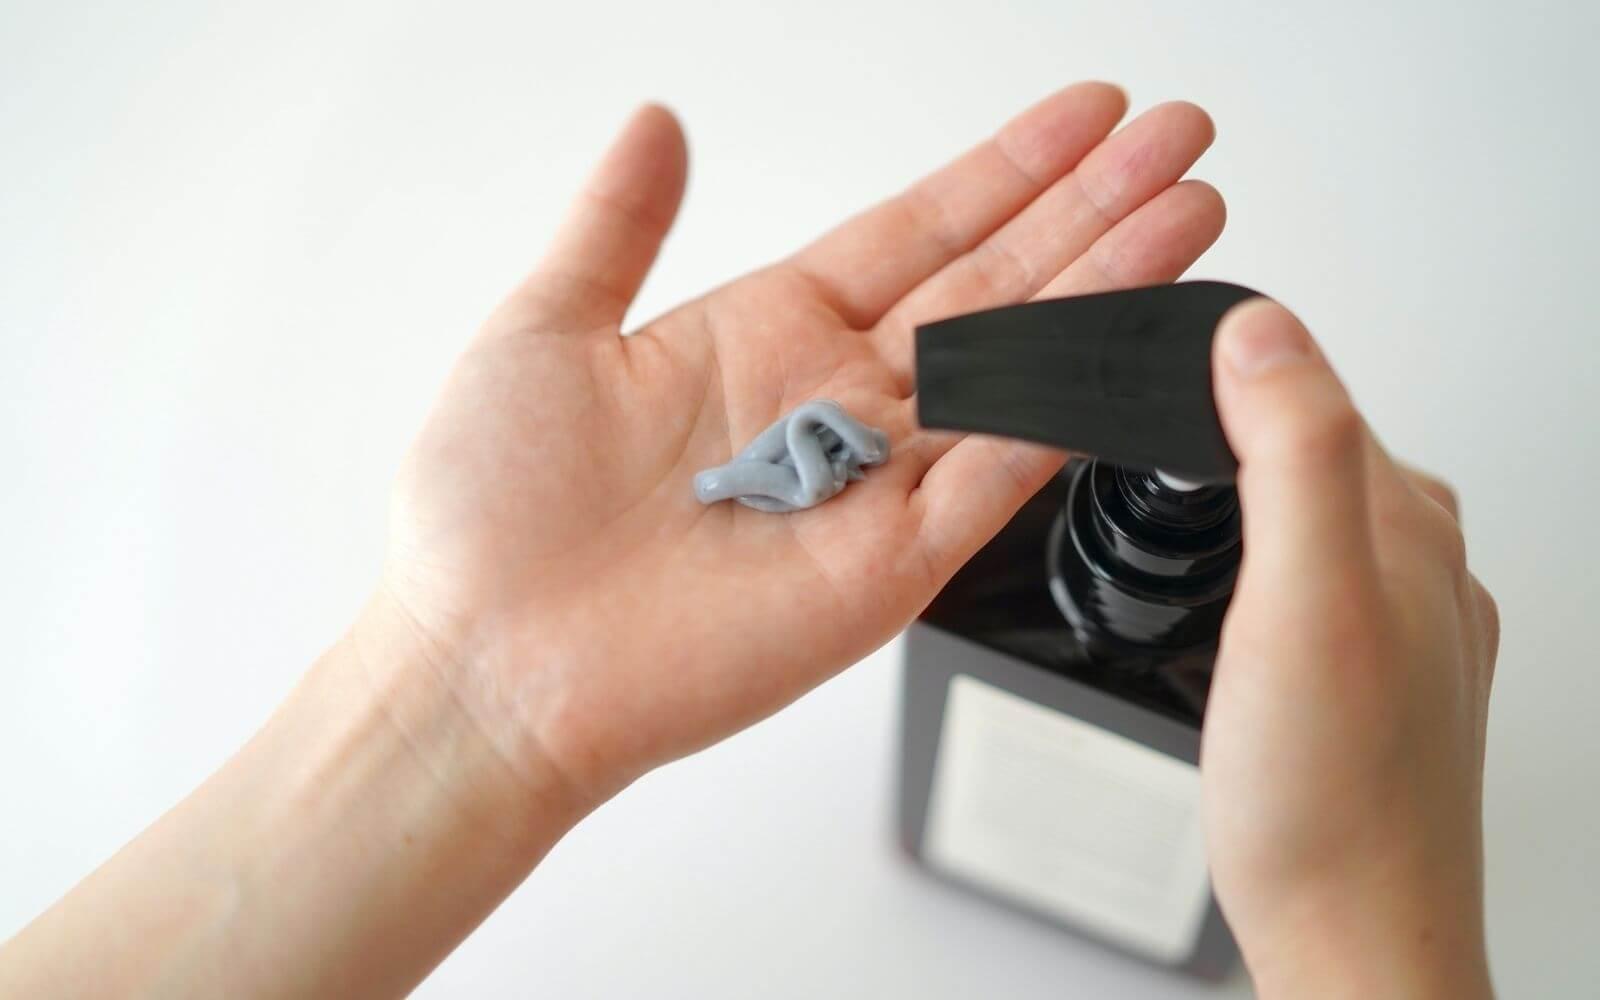 cocone クレイクリームシャンプーを実際に使って効果検証レビュー